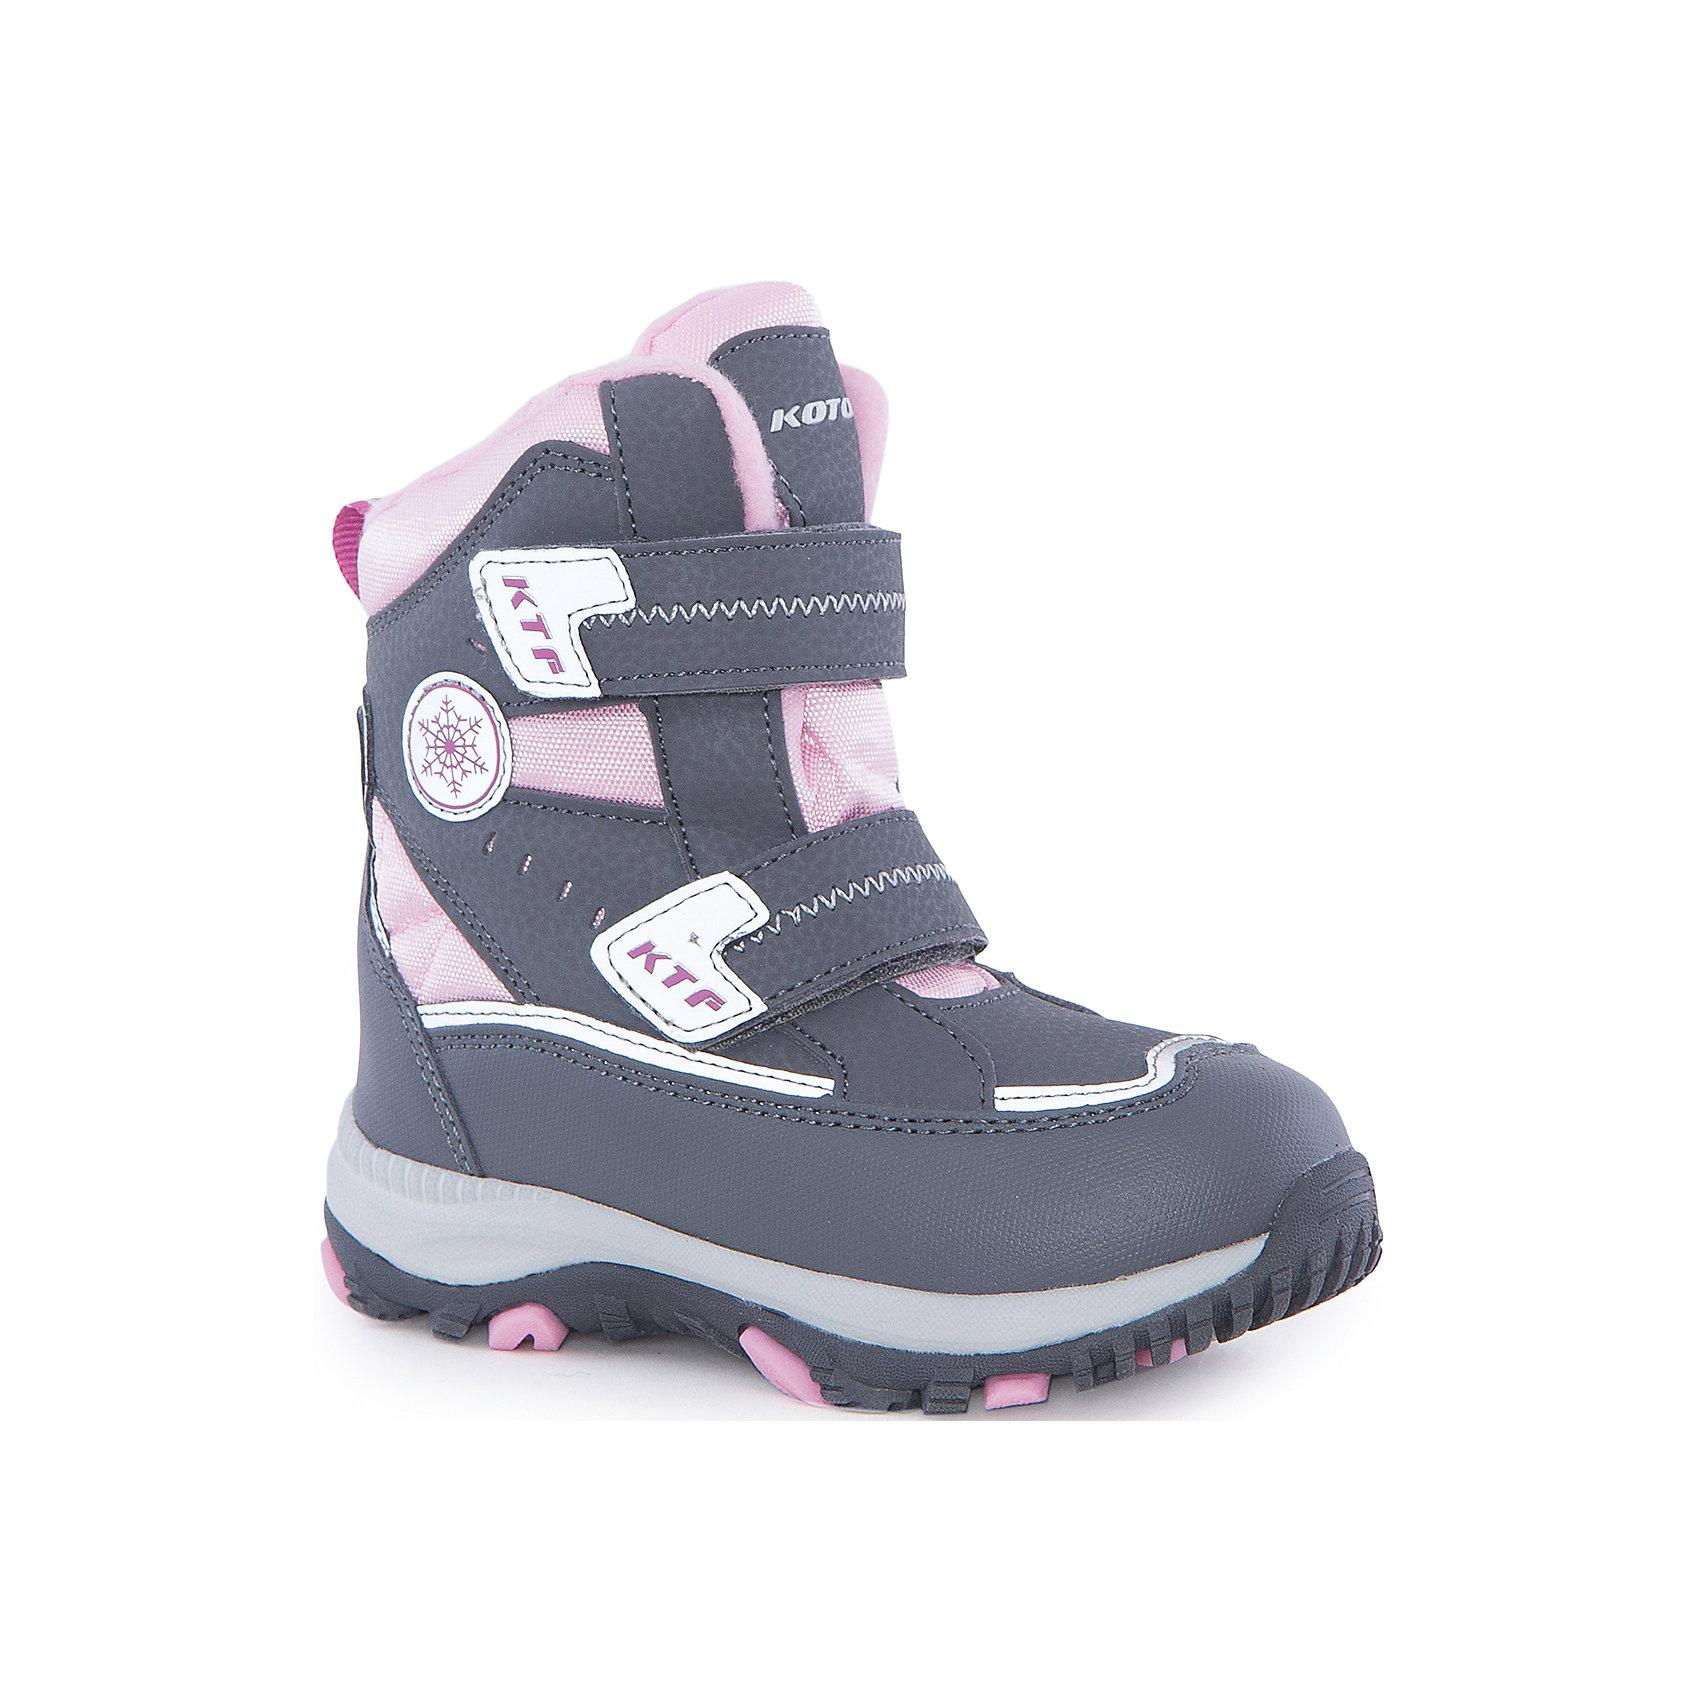 Ботинки  для девочки КотофейБотинки<br>Ботинки  для девочки Котофей.<br><br>Характеристики:<br><br>- Внешний материал: искусственная кожа, текстиль<br>- Внутренний материал: мех шерстяной<br>- Стелька: войлок<br>- Подошва: филон, ТЭП<br>- Тип застежки: липучки<br>- Вид крепления обуви: клеевой<br>- Цвет: серый, розовый<br>- Сезон: зима<br>- Температурный режим: от +5 до -15 градусов<br>- Пол: для девочек<br><br>Ботинки торговой марки Котофей понравится абсолютно всем девочкам! Они особенно хороши для активных прогулок. Верх выполнен из влагоотталкивающего текстиля и кожи. Подкладка - из натуральной шерсти, имеется дополнительная стелька из войлока, поэтому ножке в такой обуви тепло и уютно. Между материалами верха и подклада вшит специальный мембранный материал, отталкивающий влагу, но позволяющий ногам дышать. Гибкая, широкая, клеевая подошва с рельефным протектором обеспечит превосходное сцепление с поверхностью. Снижение ударной нагрузки и повышенную устойчивость обеспечивает в подошве слой из материала филон, который часто используется в спортивной обуви. Вторая часть подошвы из термоэластопласта (ТЭП) – пластичного материала, отлично амортизирующего при шаге, не теряющего своих свойств при понижении температур, предотвращающего скольжение. Два ремня с липучкой позволяют не только быстро обувать и снимать ботинки, но и обеспечивают плотное прилегание обуви к стопе. Детская обувь «Котофей» качественна, красива, добротна, комфортна и долговечна. Она производится на Егорьевской обувной фабрике. Жесткий контроль производства и постоянное совершенствование технологий при многолетнем опыте позволяют считать компанию одним из лидеров среди отечественных производителей детской обуви.<br><br>Ботинки  для девочки Котофей можно купить в нашем интернет-магазине.<br><br>Ширина мм: 262<br>Глубина мм: 176<br>Высота мм: 97<br>Вес г: 427<br>Цвет: разноцветный<br>Возраст от месяцев: 36<br>Возраст до месяцев: 48<br>Пол: Женский<br>Возраст: Детский<br>Размер: 27,30,26,29,28<br>SKU: